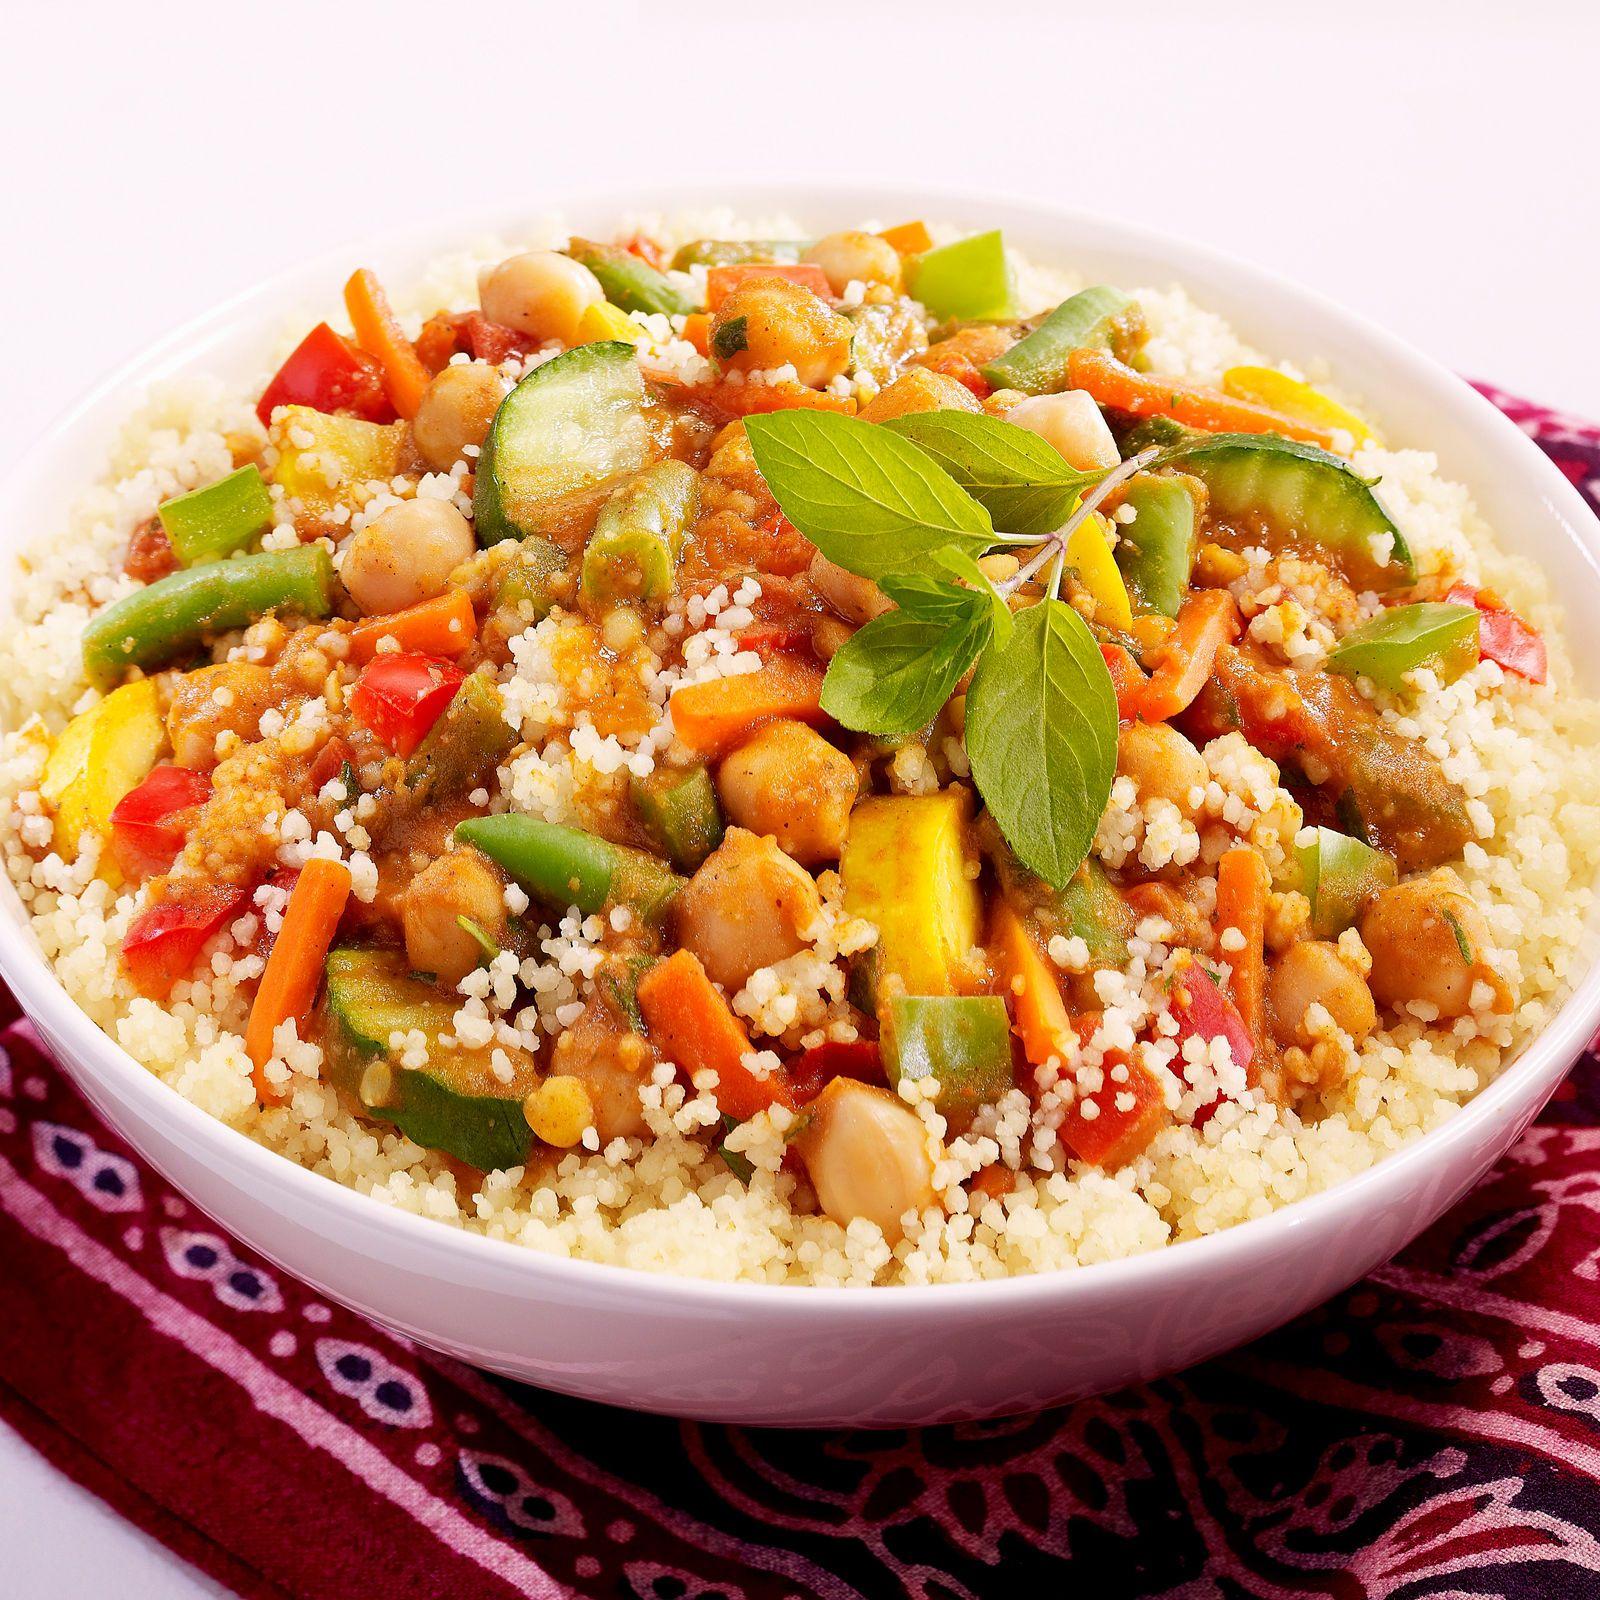 [Étudiants] Menu Couscous de légumes offert de 16h à 19h - Des saveurs et des ailes Villeurbanne (69)